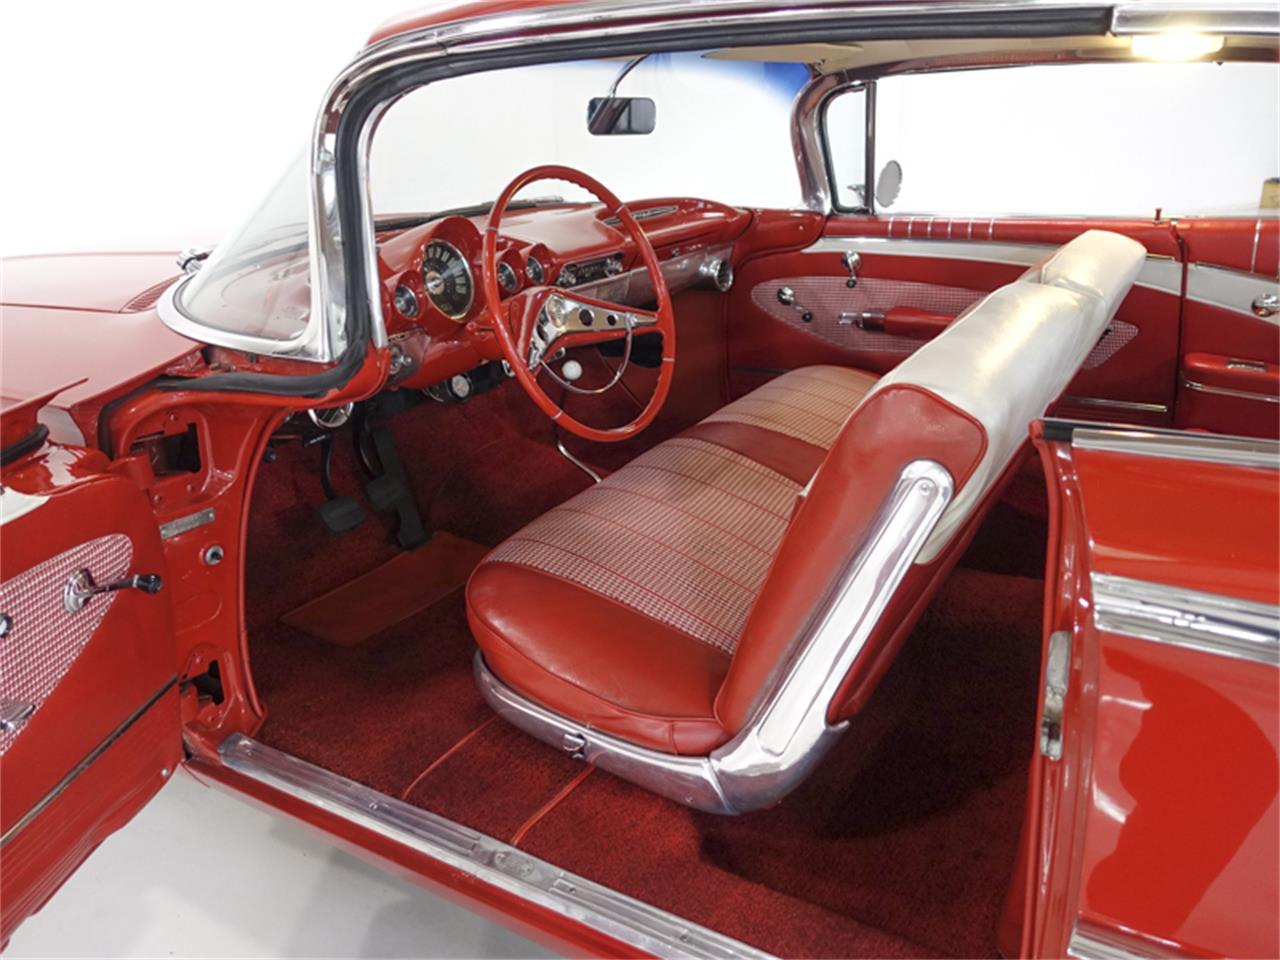 1960 Chevrolet Impala (CC-1304506) for sale in Saint Louis, Missouri